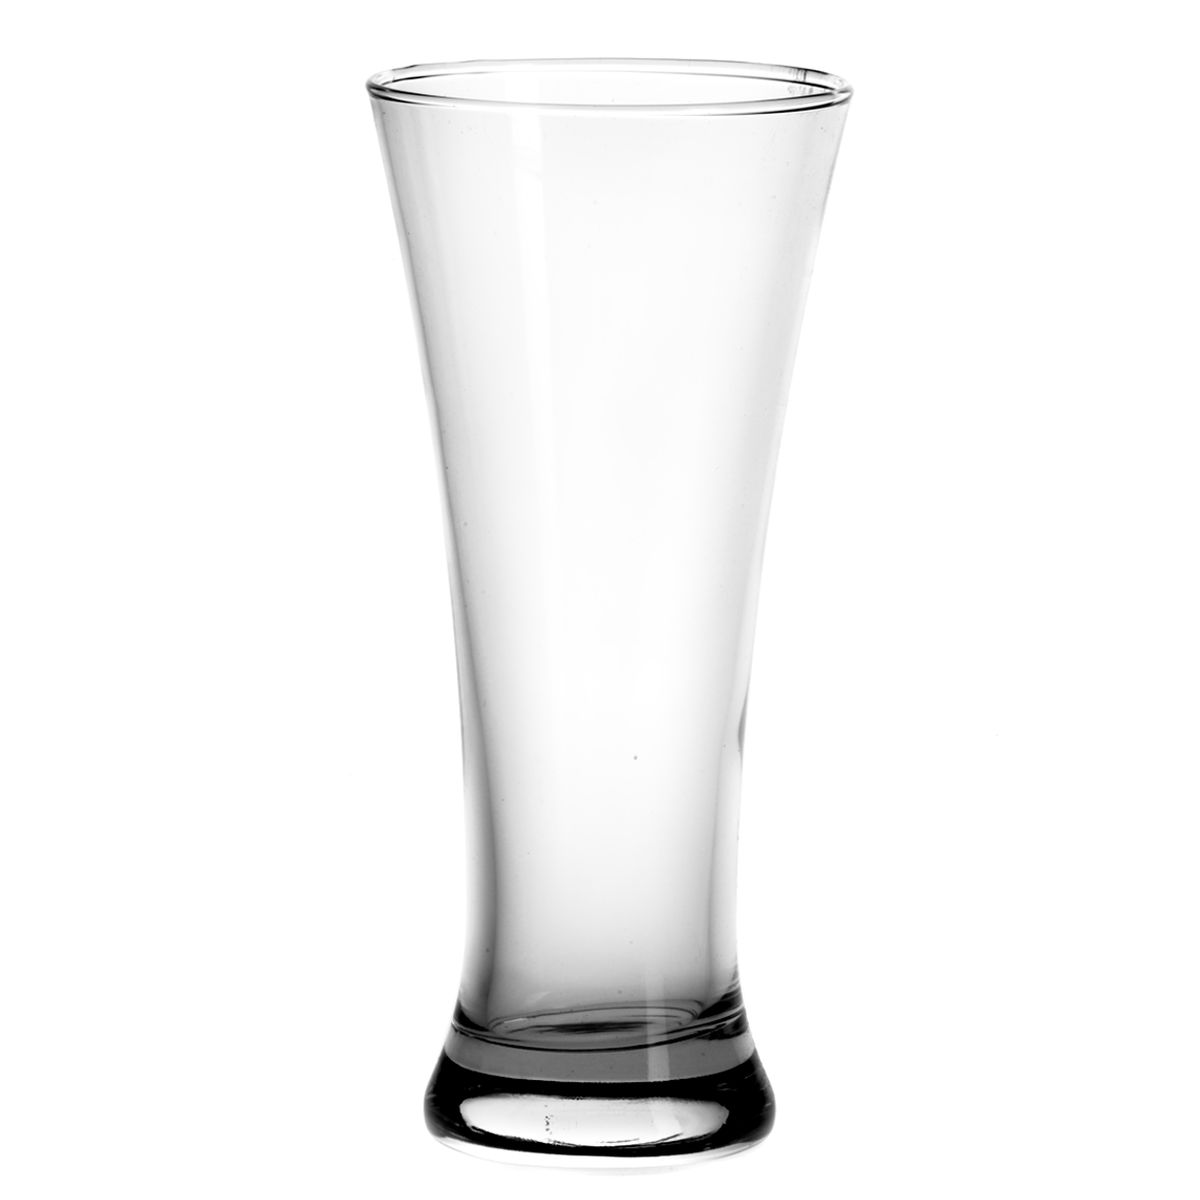 """Набор Pasabahce """"Pub"""" состоит из трех бокалов, выполненных из прочного натрий-кальций-силикатного стекла конусообразной формы. Бокалы прекрасно подходят для подачи пива. Функциональность, практичность и стильный дизайн сделают набор прекрасным дополнением к вашей коллекции посуды. Можно мыть в посудомоечной машине и использовать в микроволновой печи. Диаметр бокала (по верхнему краю): 9,5 см.Высота бокала: 21,5 см."""